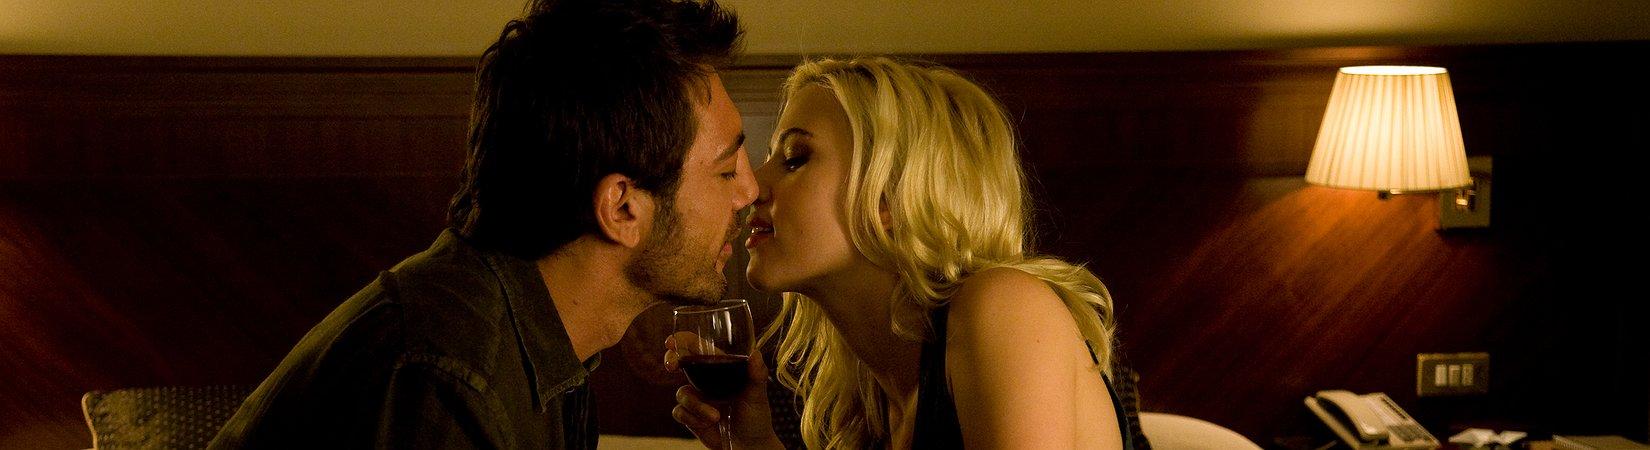 7 самых романтичных мест в мире по версии Голливуда